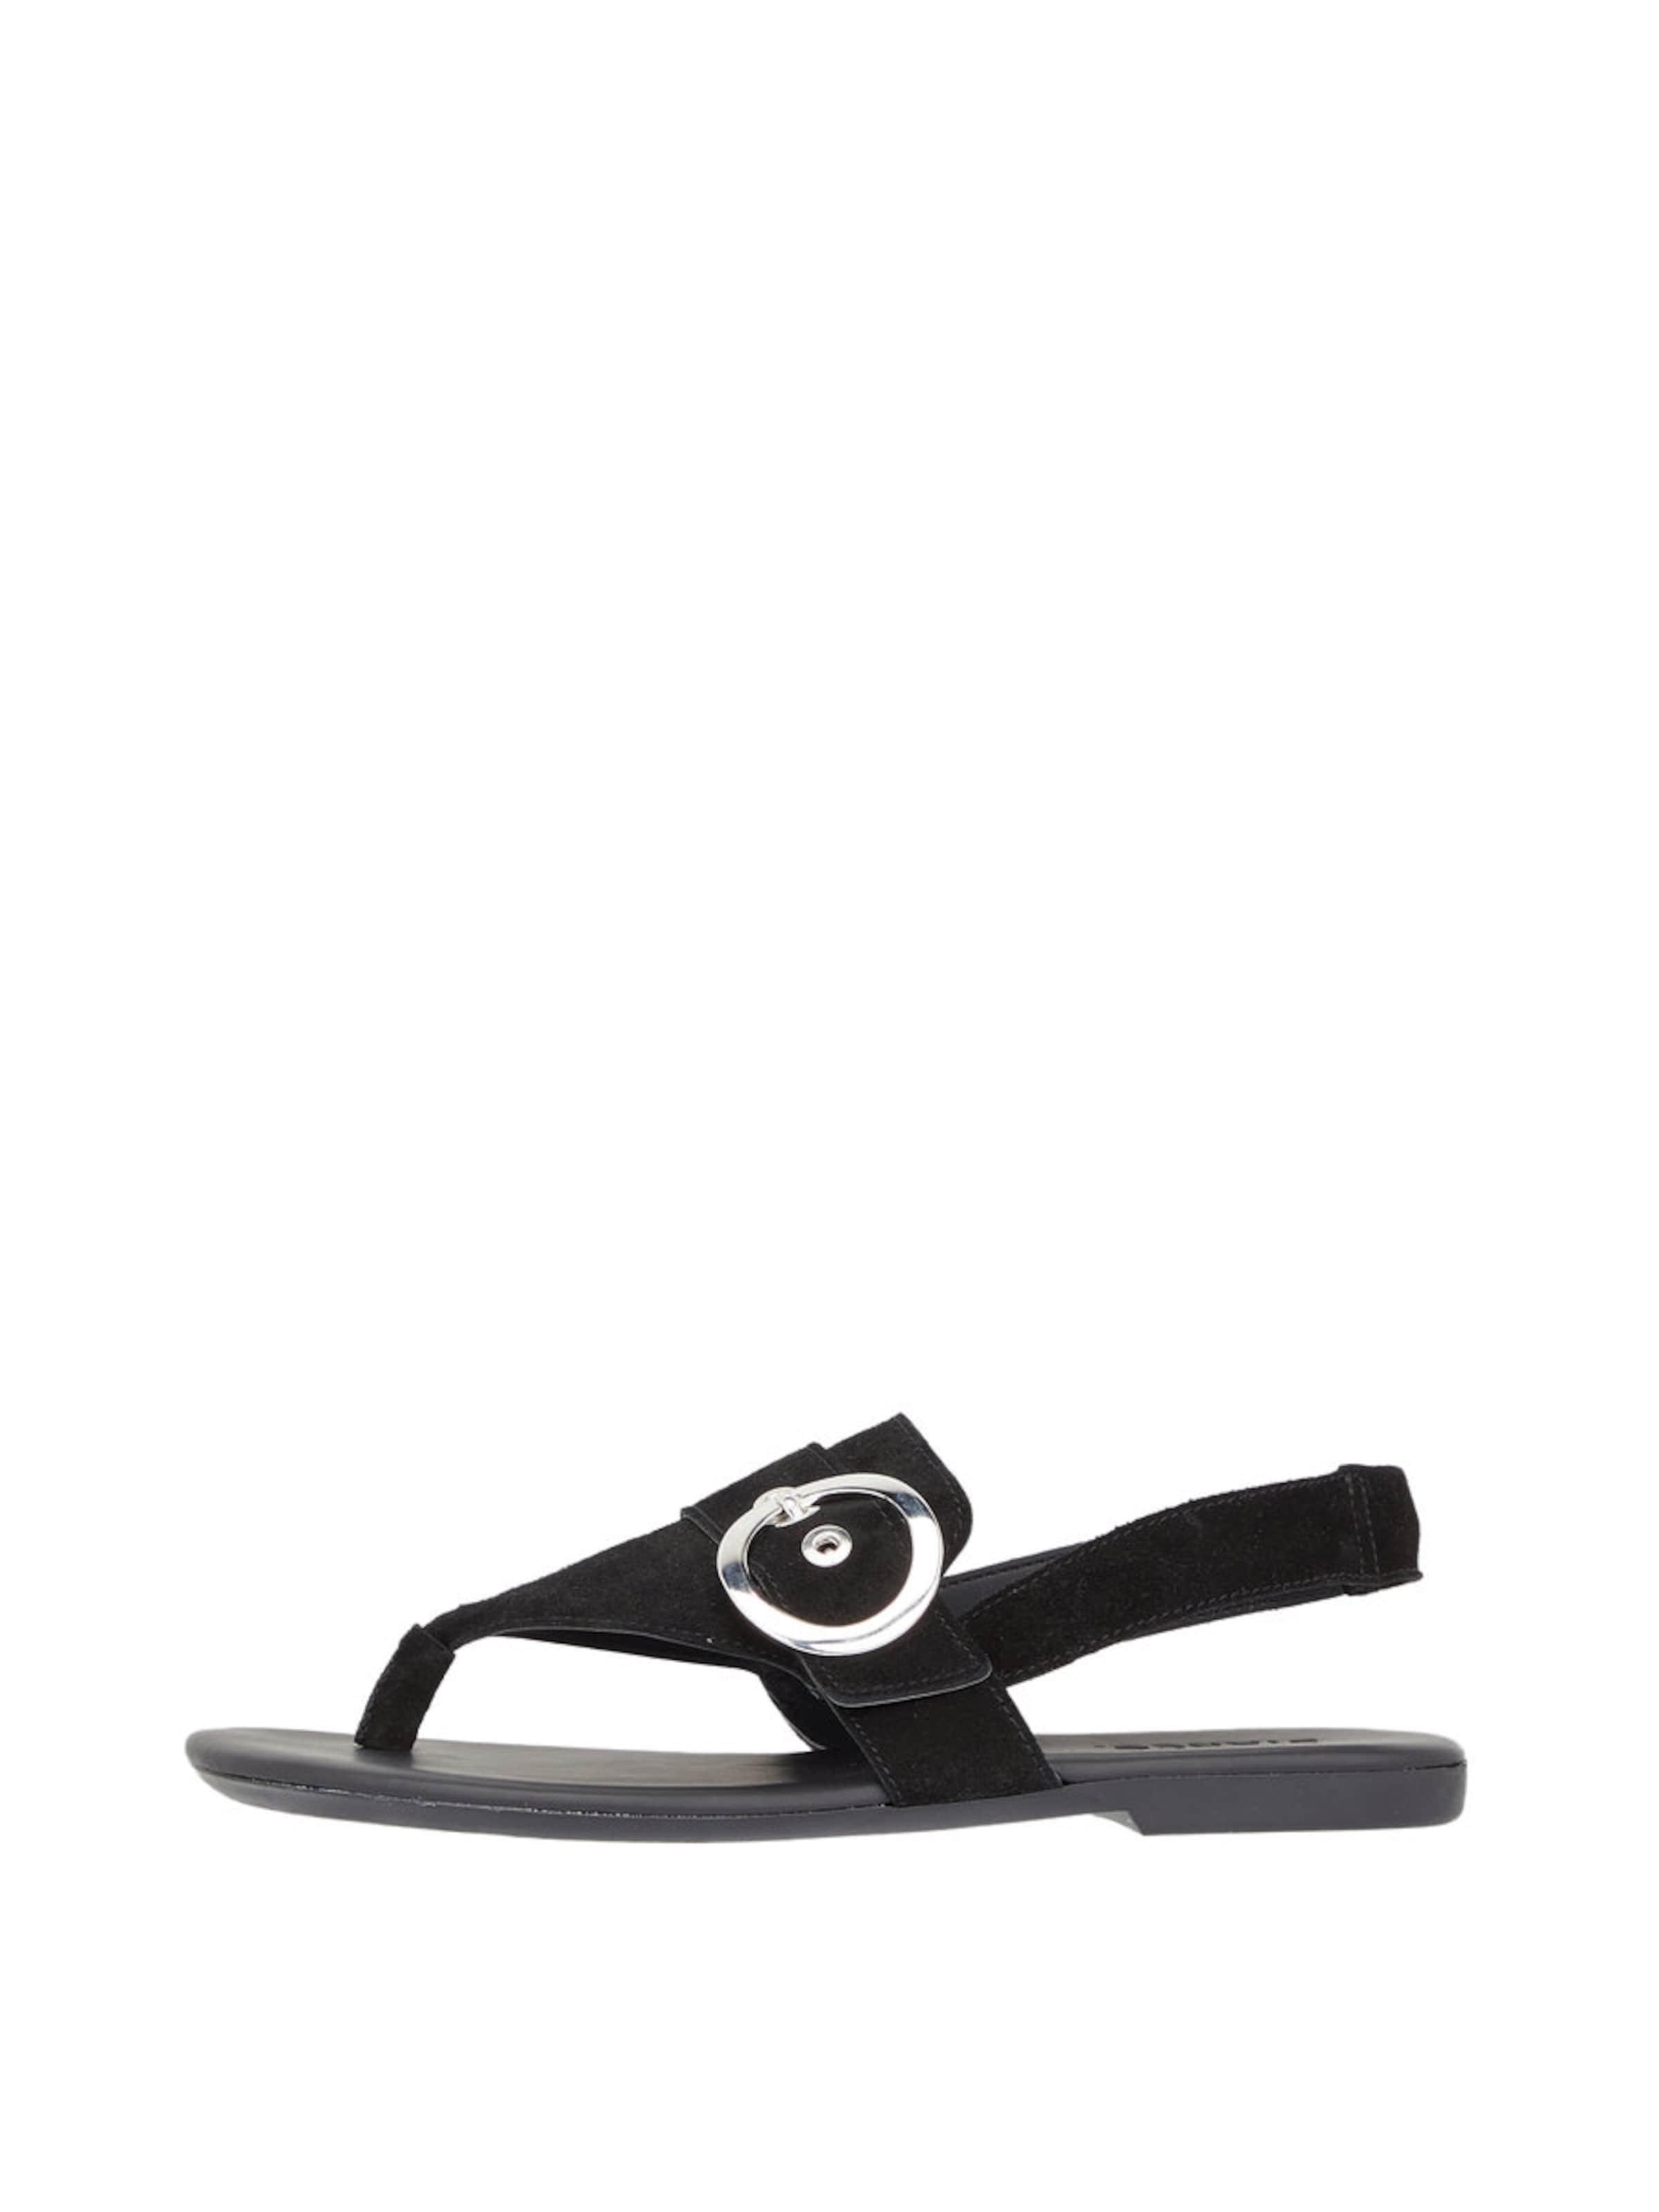 Bianco Runde Schnallen Sandalen Verschleißfeste billige Schuhe